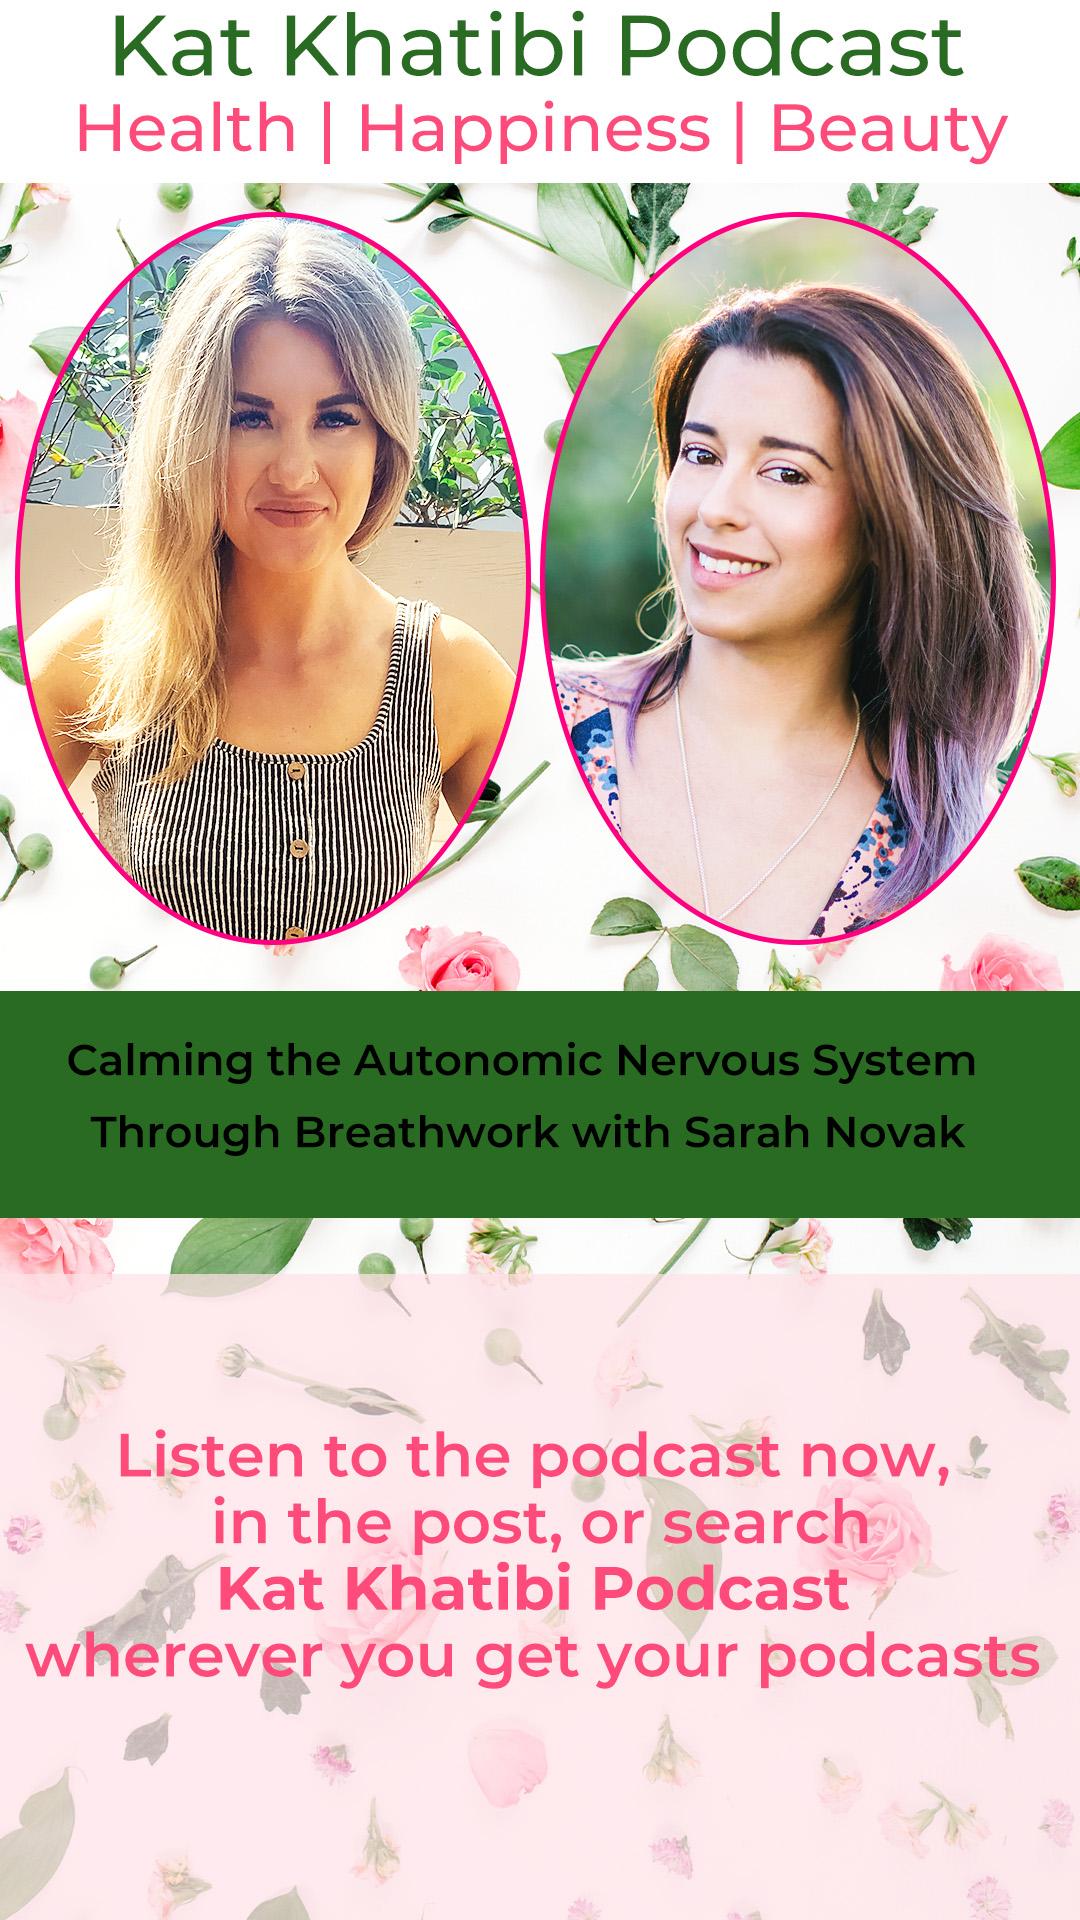 Calming the Autonomic Nervous System Through Breathwork with Sarah Novak